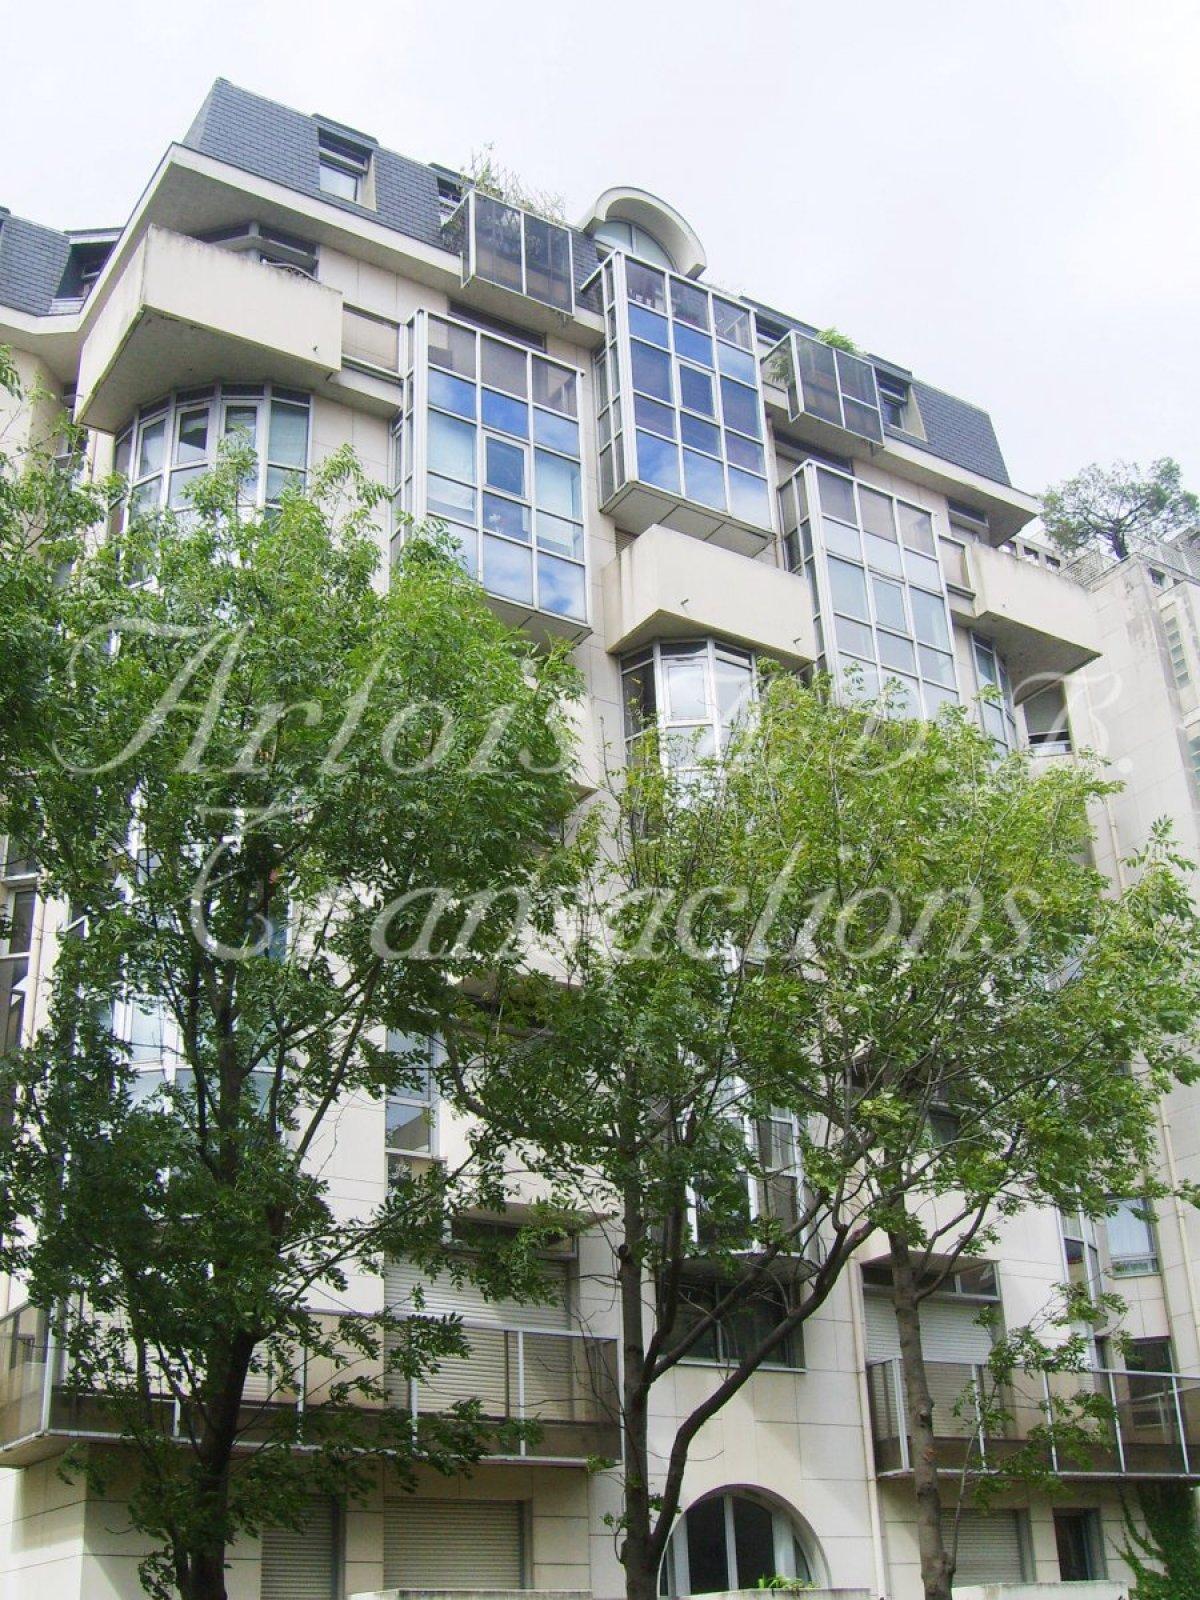 Vente appartement 1 pi ce paris 75015 artois a d b transactions - Convention de copropriete ...